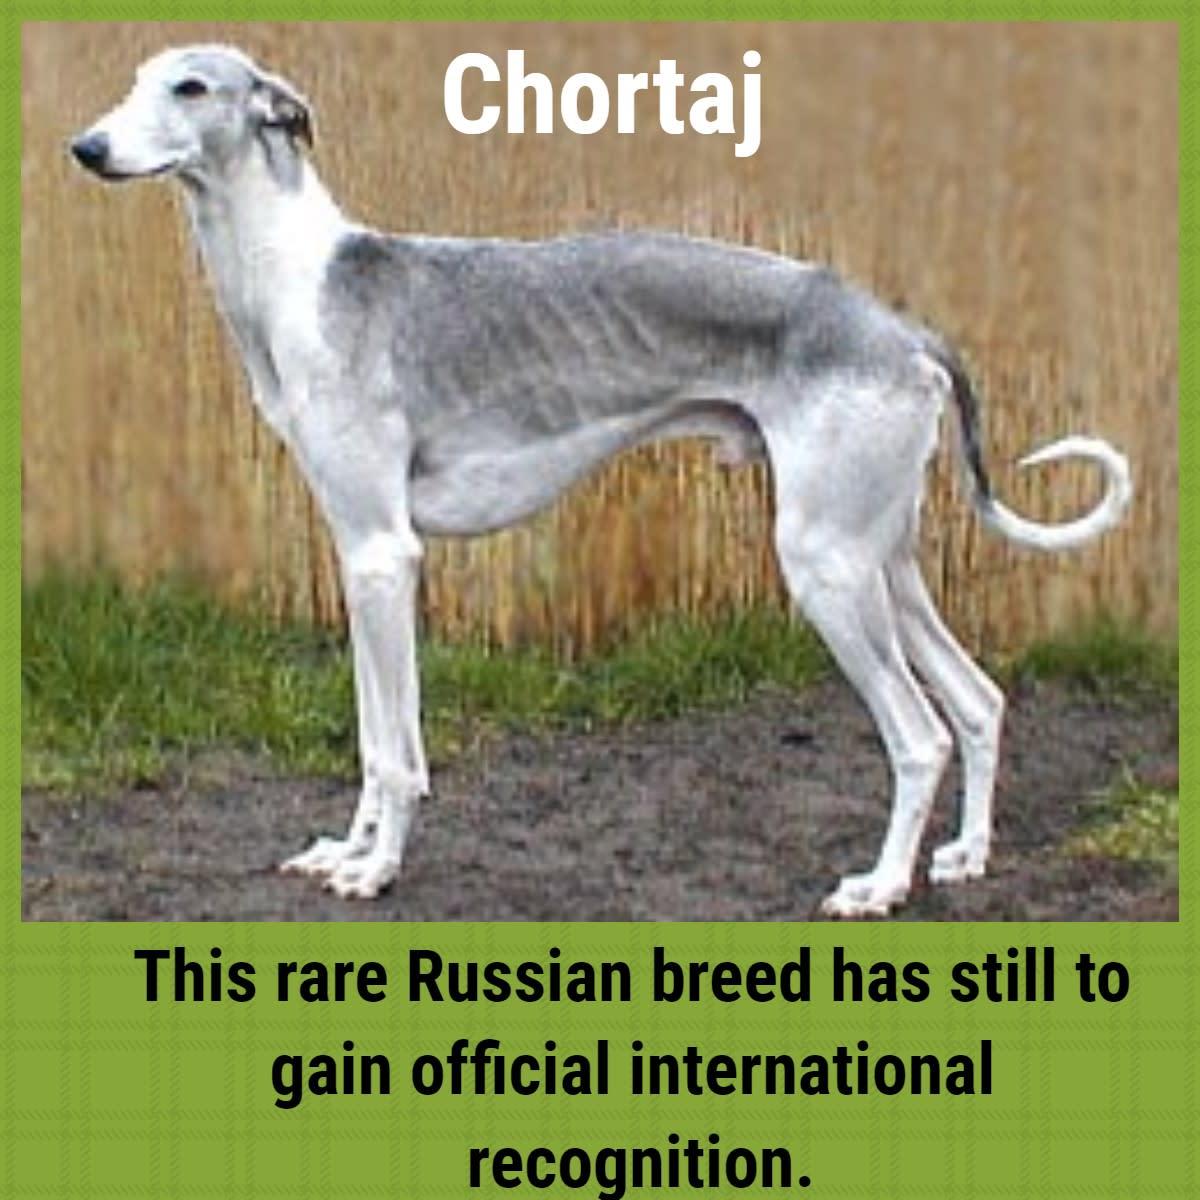 The Chortaj dog is also known as the Hortaya Borzaya, and Chortai.